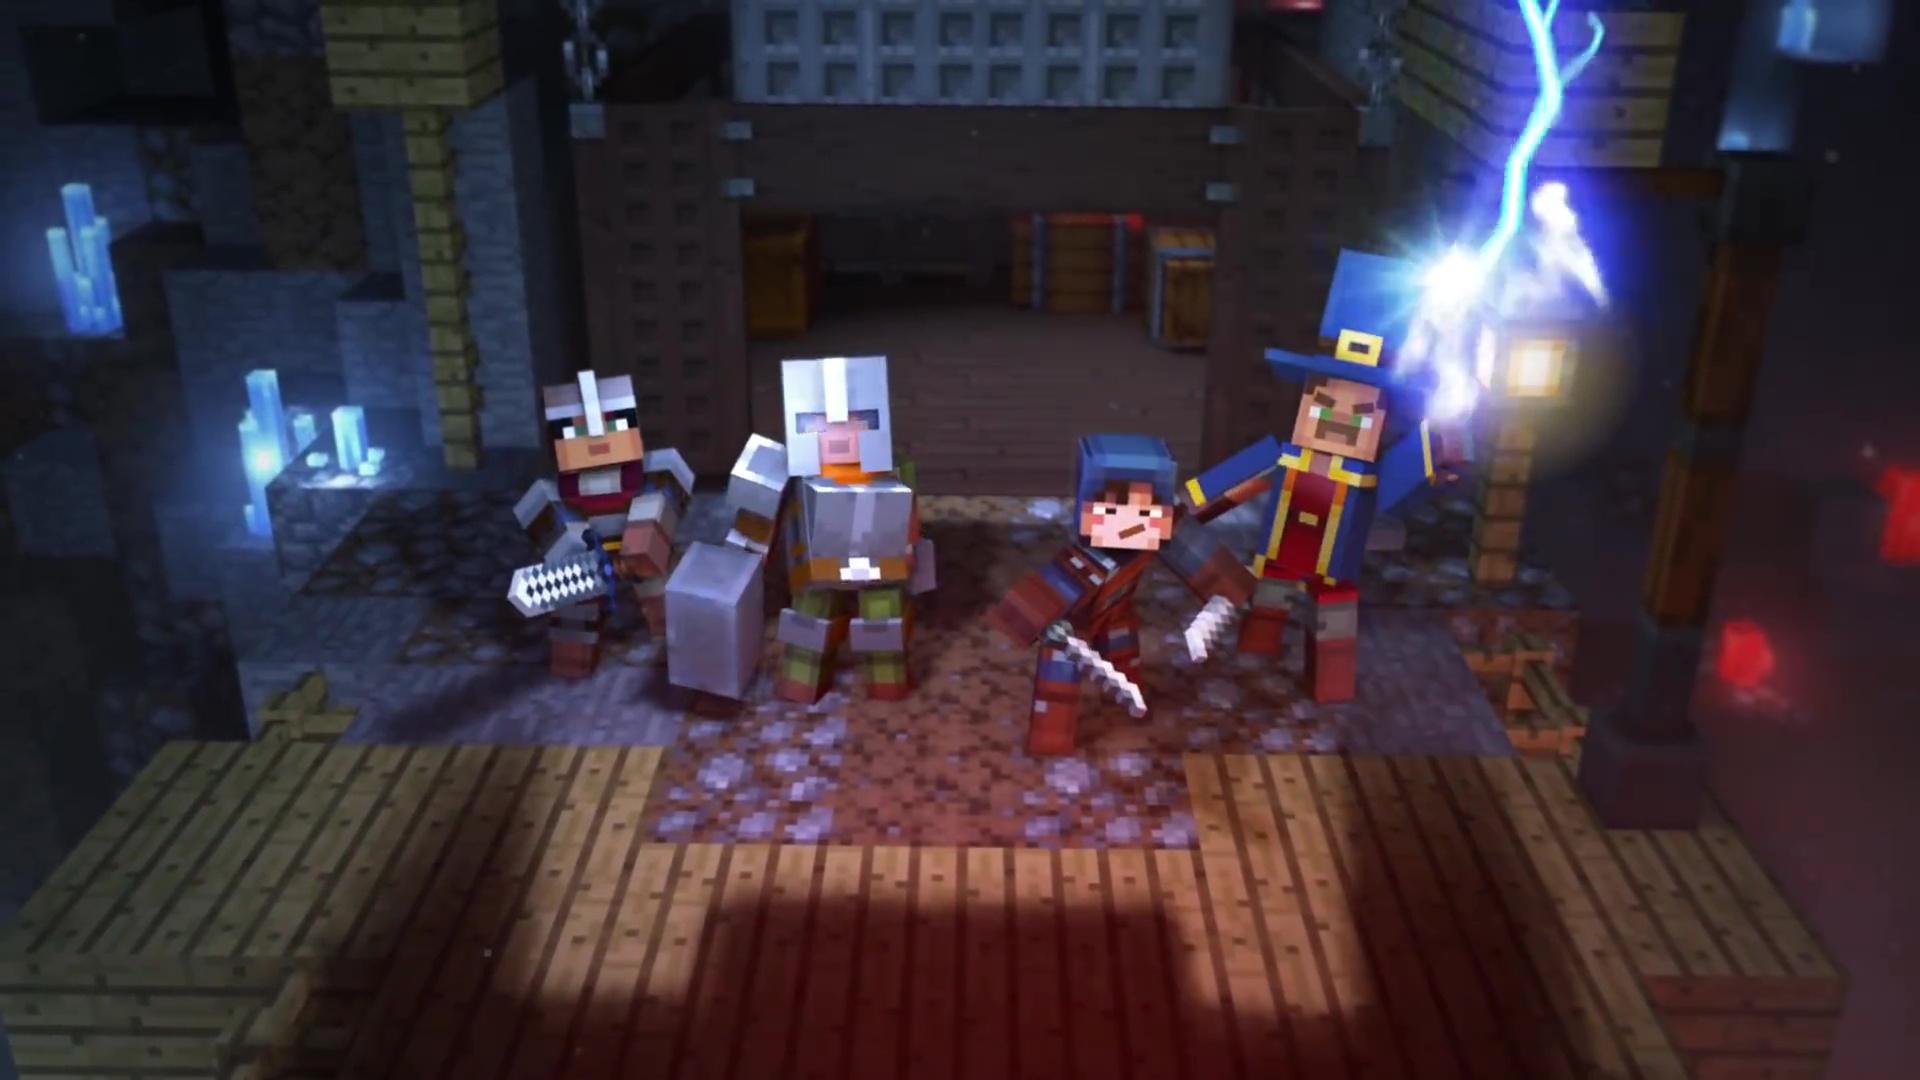 Minecraft Dungeons Der AnkündigungsTrailer - Minecraft spielen video